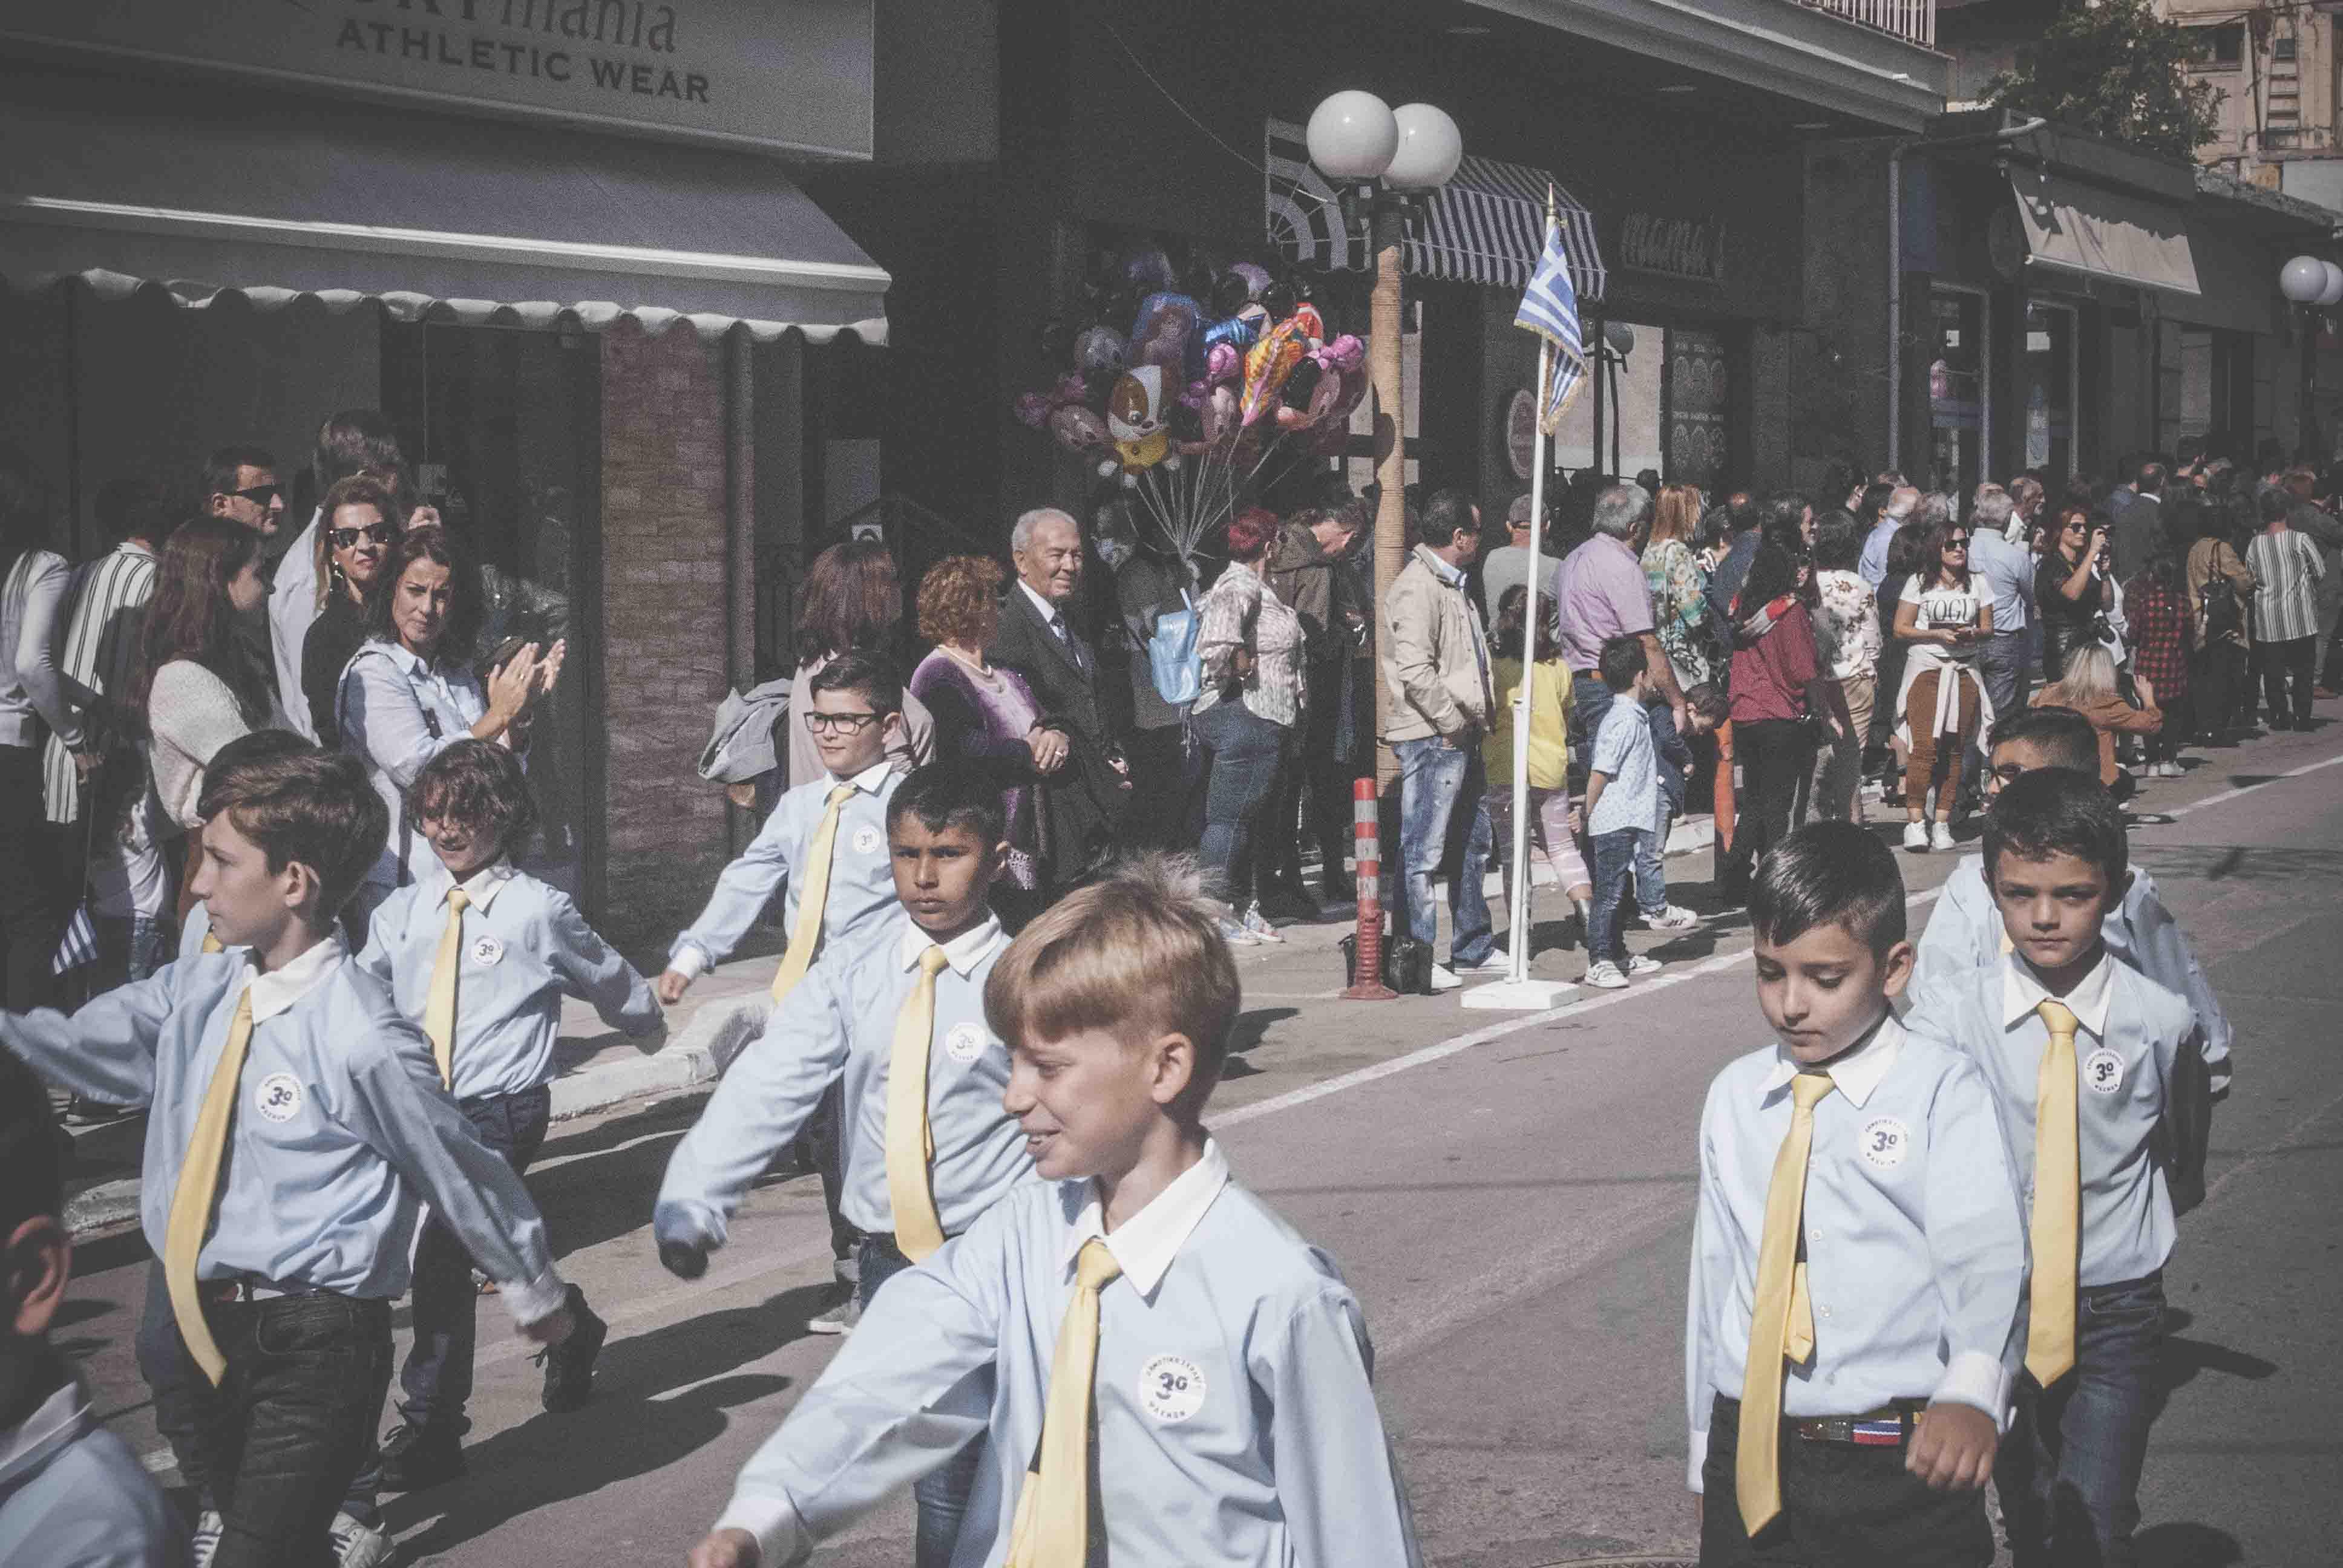 Φωτογραφικό υλικό από την παρέλαση στα Ψαχνά Φωτογραφικό υλικό από την παρέλαση στα Ψαχνά DSC 0387